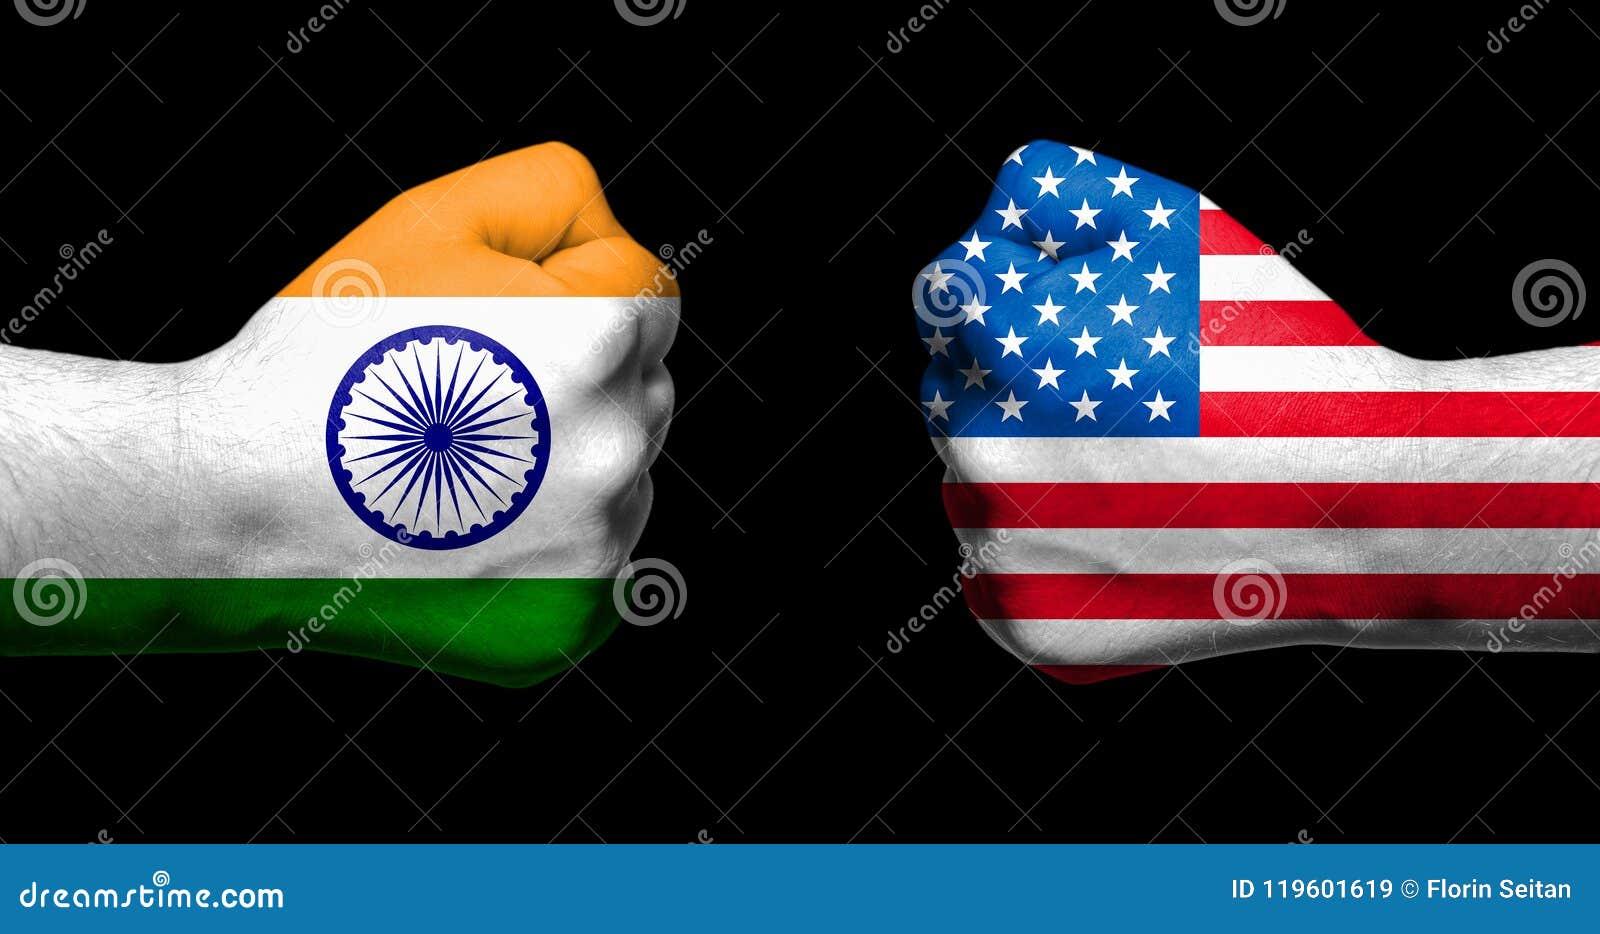 Οι σημαίες της Ινδίας και των Ηνωμένων Πολιτειών χρωμάτισαν σε δύο σφιγγμένες πυγμές που απασχολούν ο την άλλη στο μαύρο υπόβαθρο